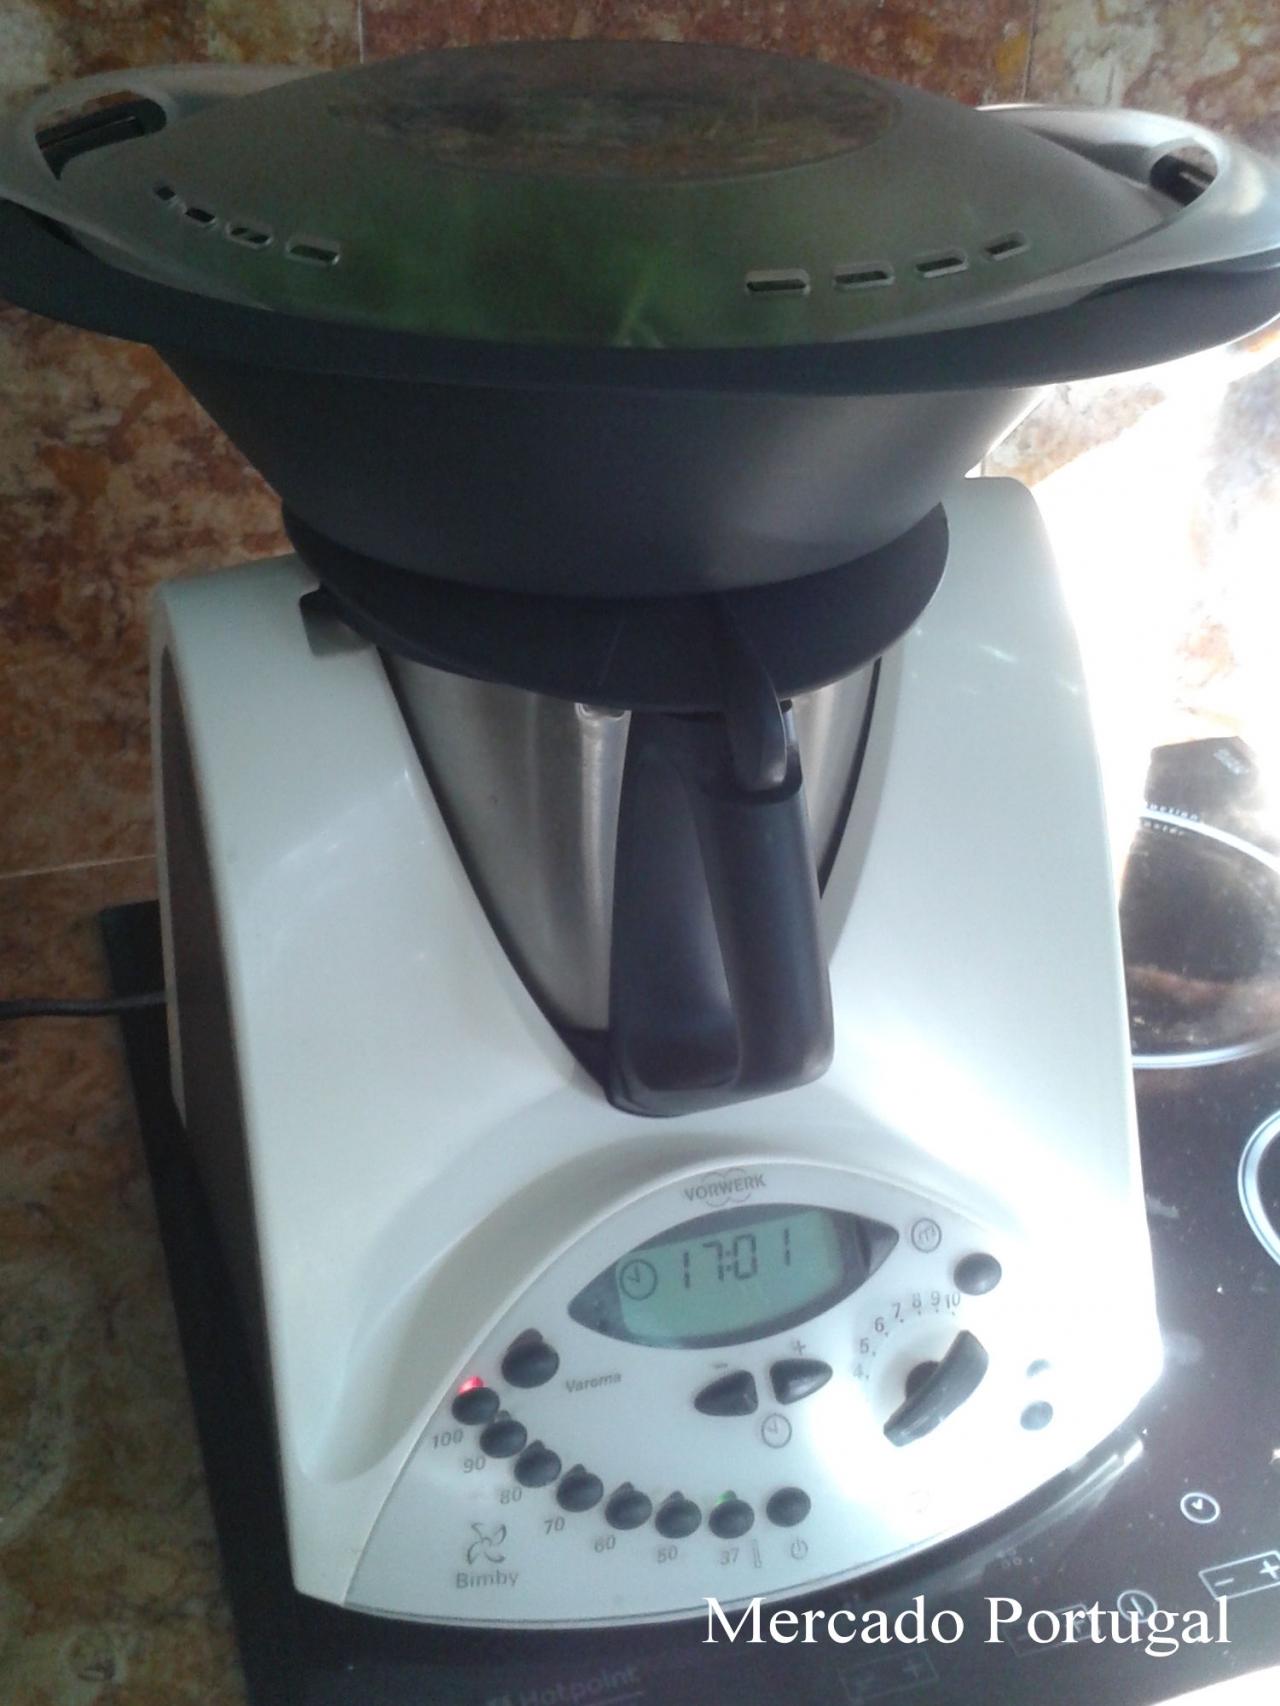 忙しいお母さんの味方、スープが簡単にできるマシーンも人気です。